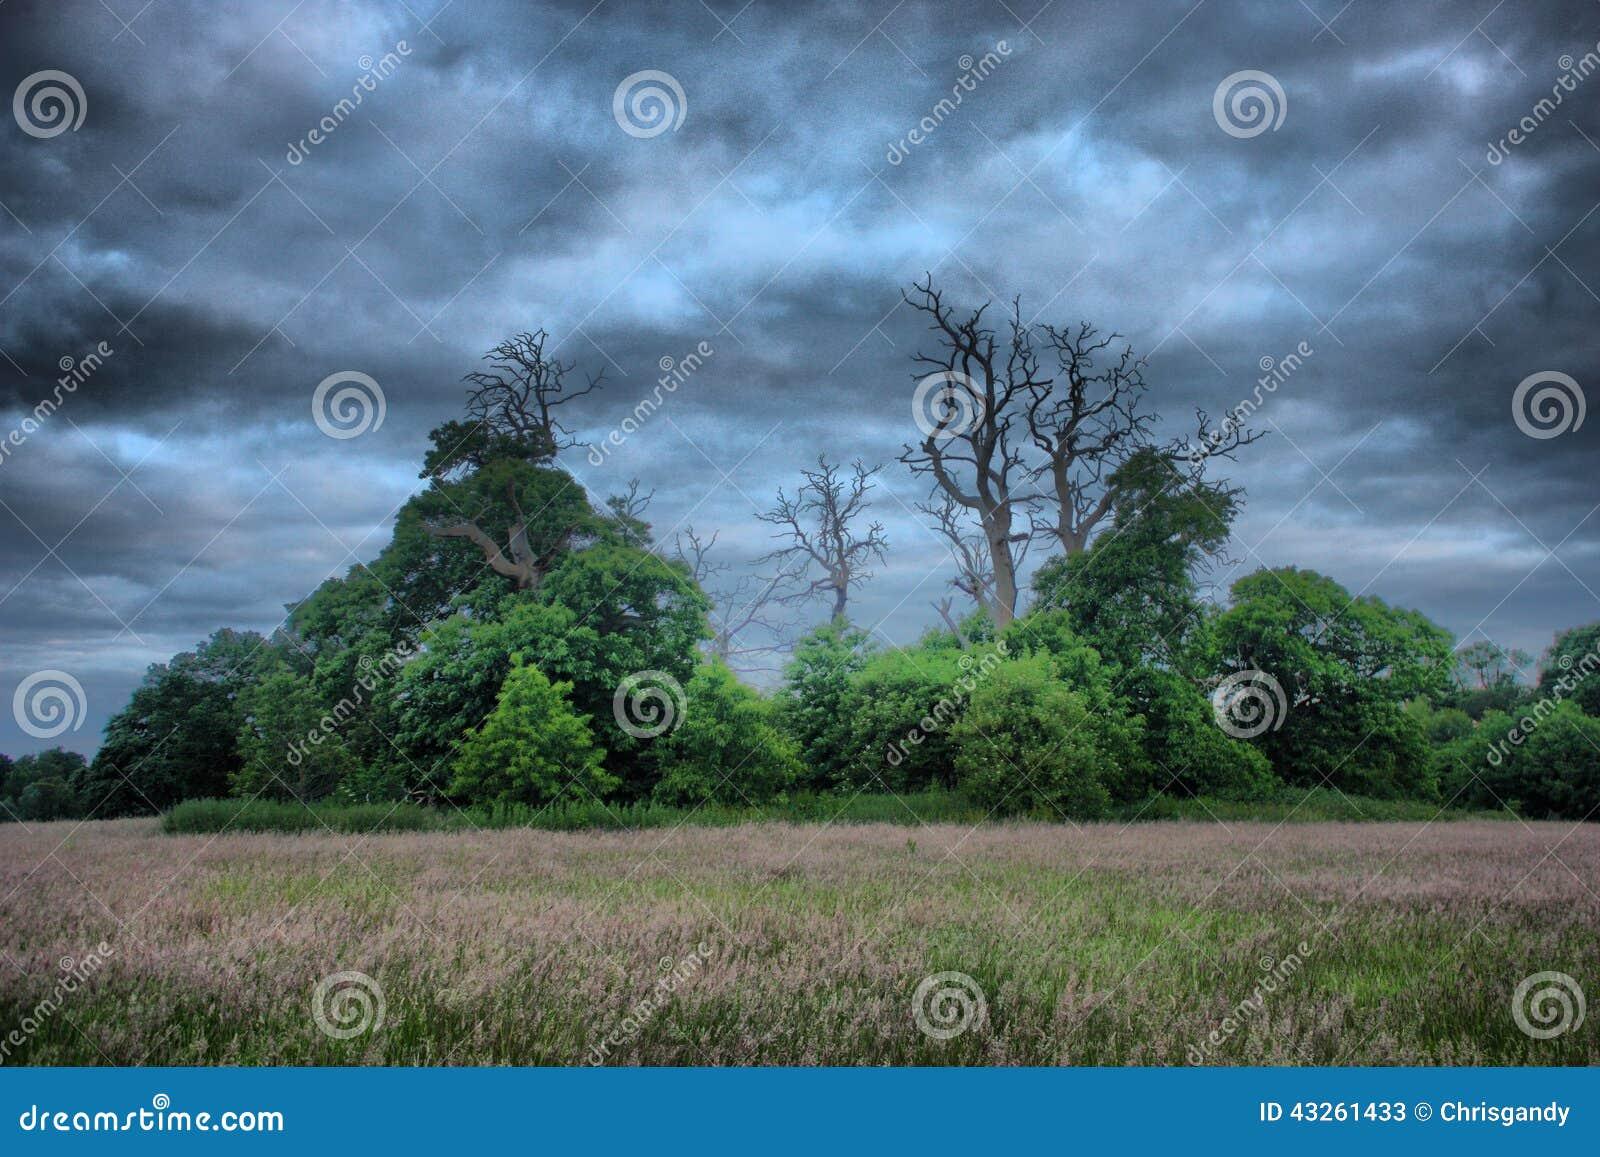 Arbres morts en silhouette contre un ciel gris